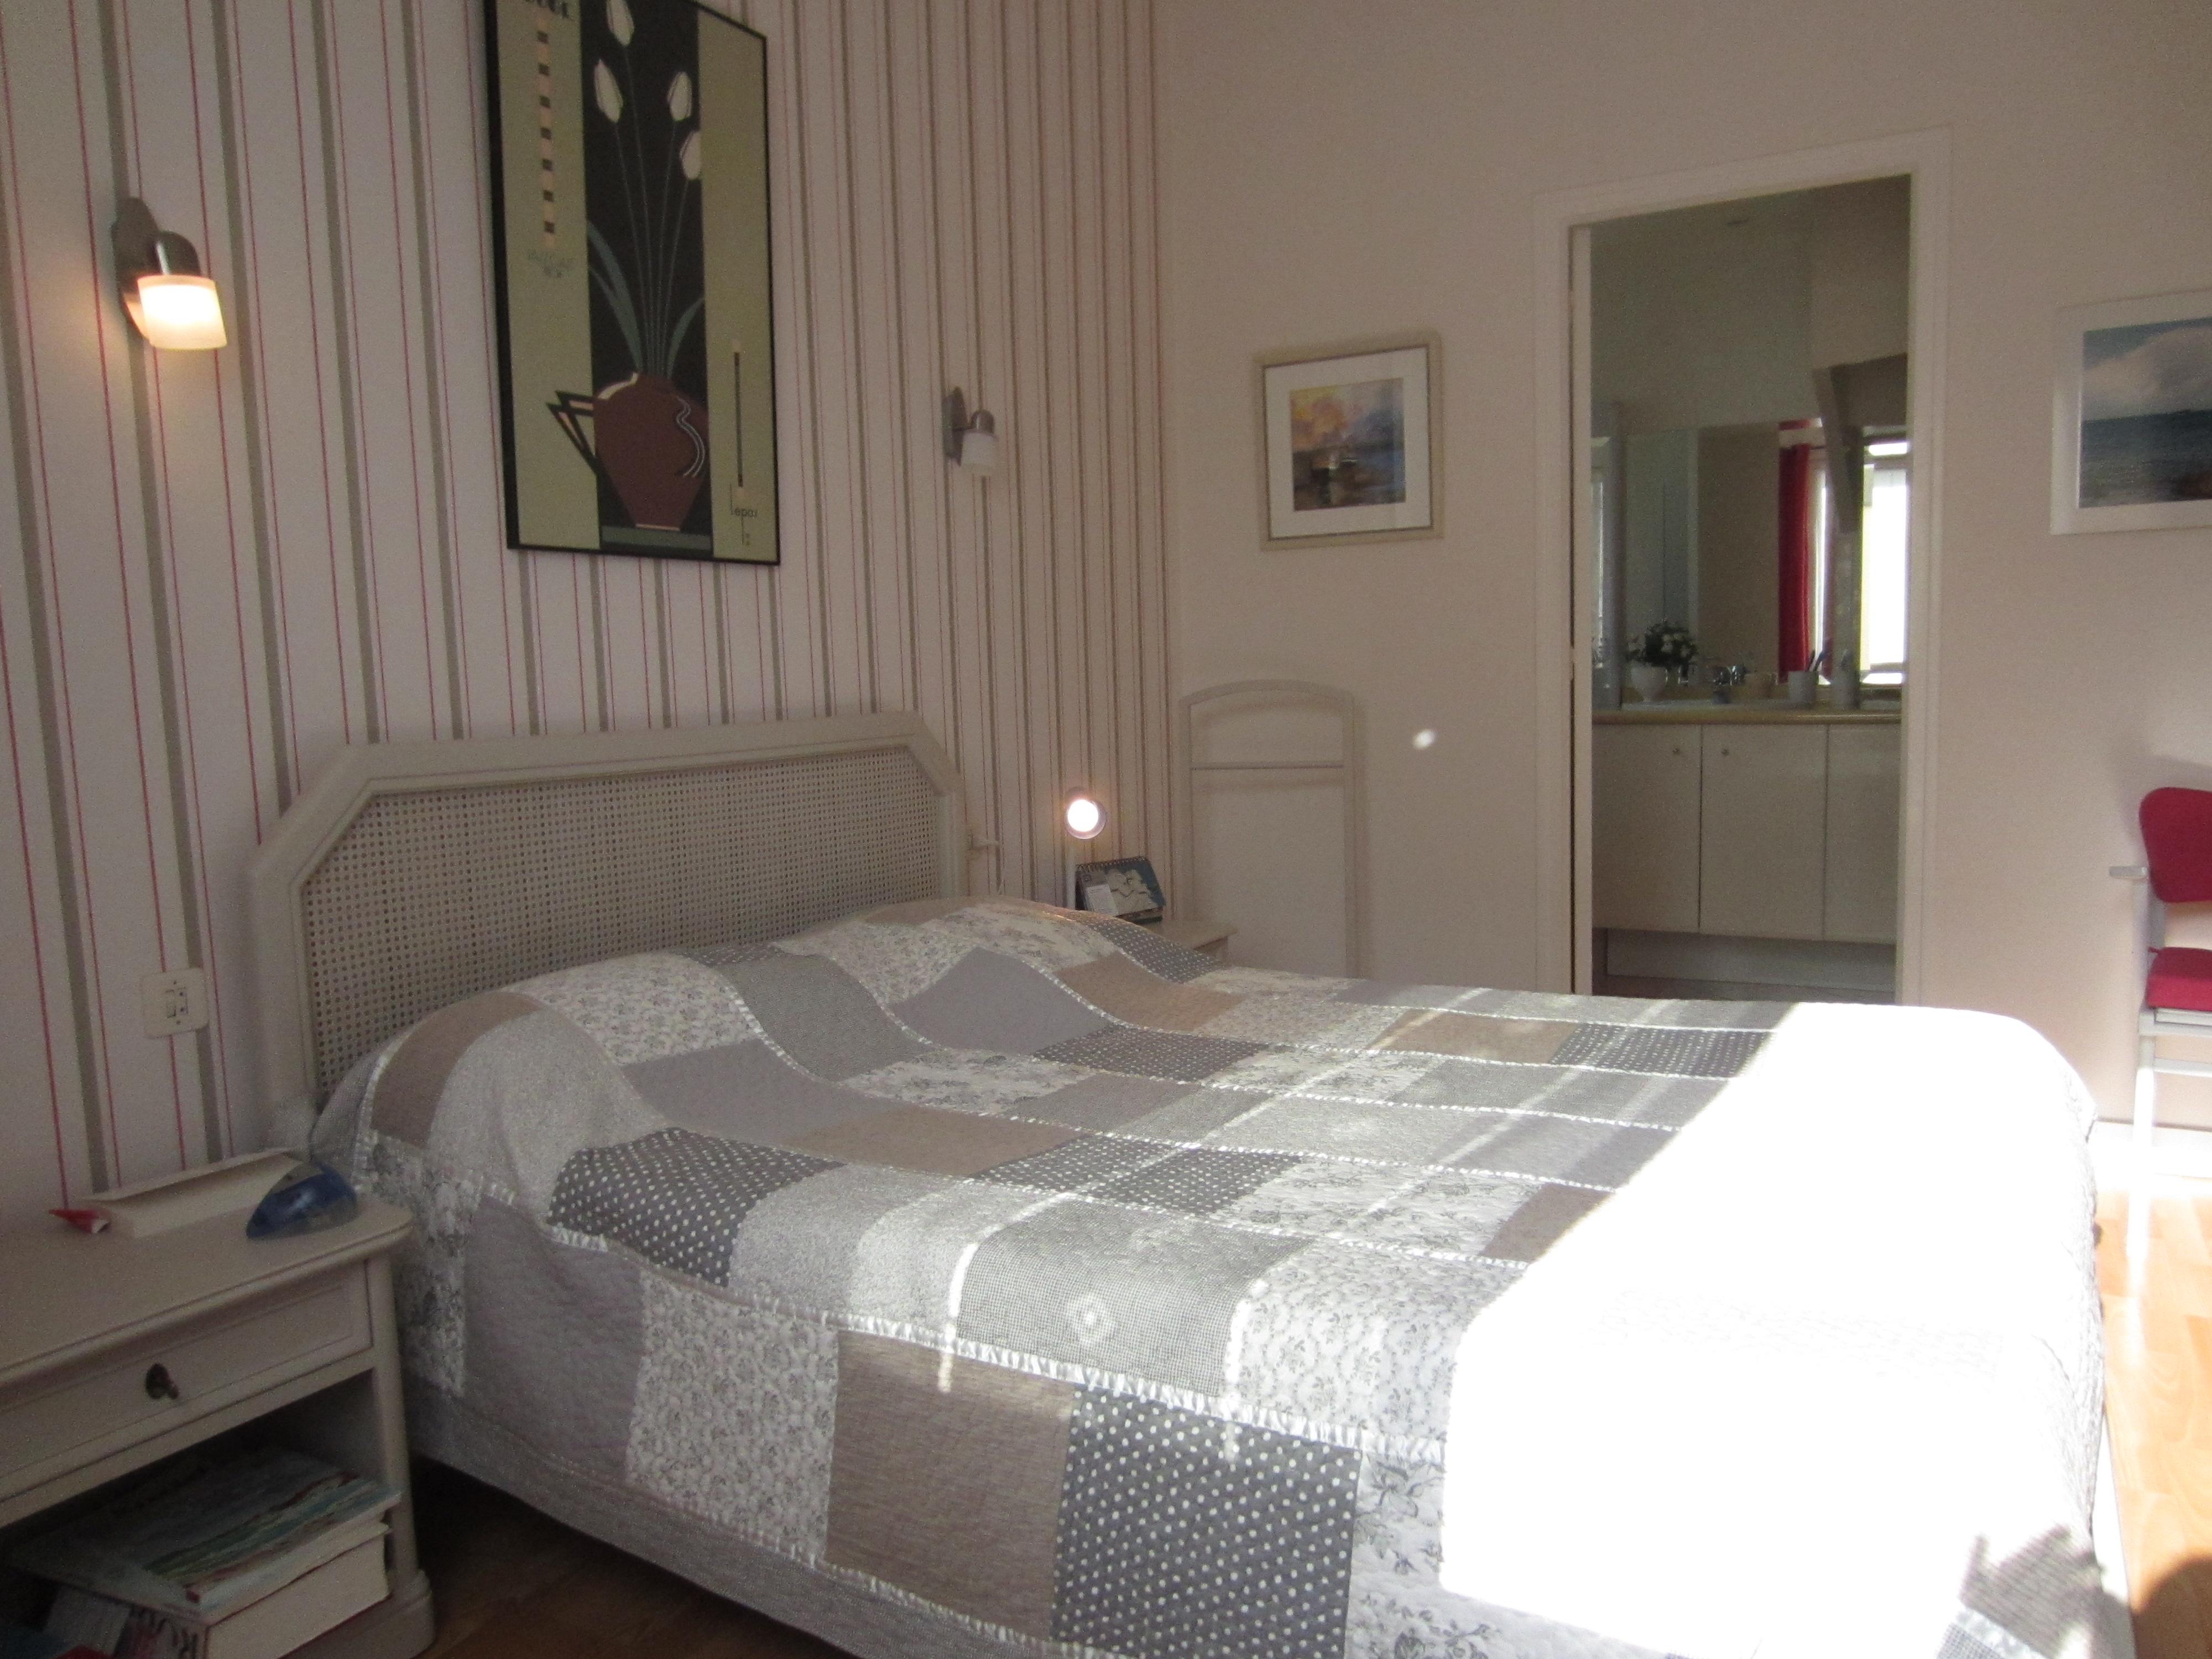 Saliou chambre 2 b nodet le site officiel de la ville - Chambre syndicale de la couture site officiel ...